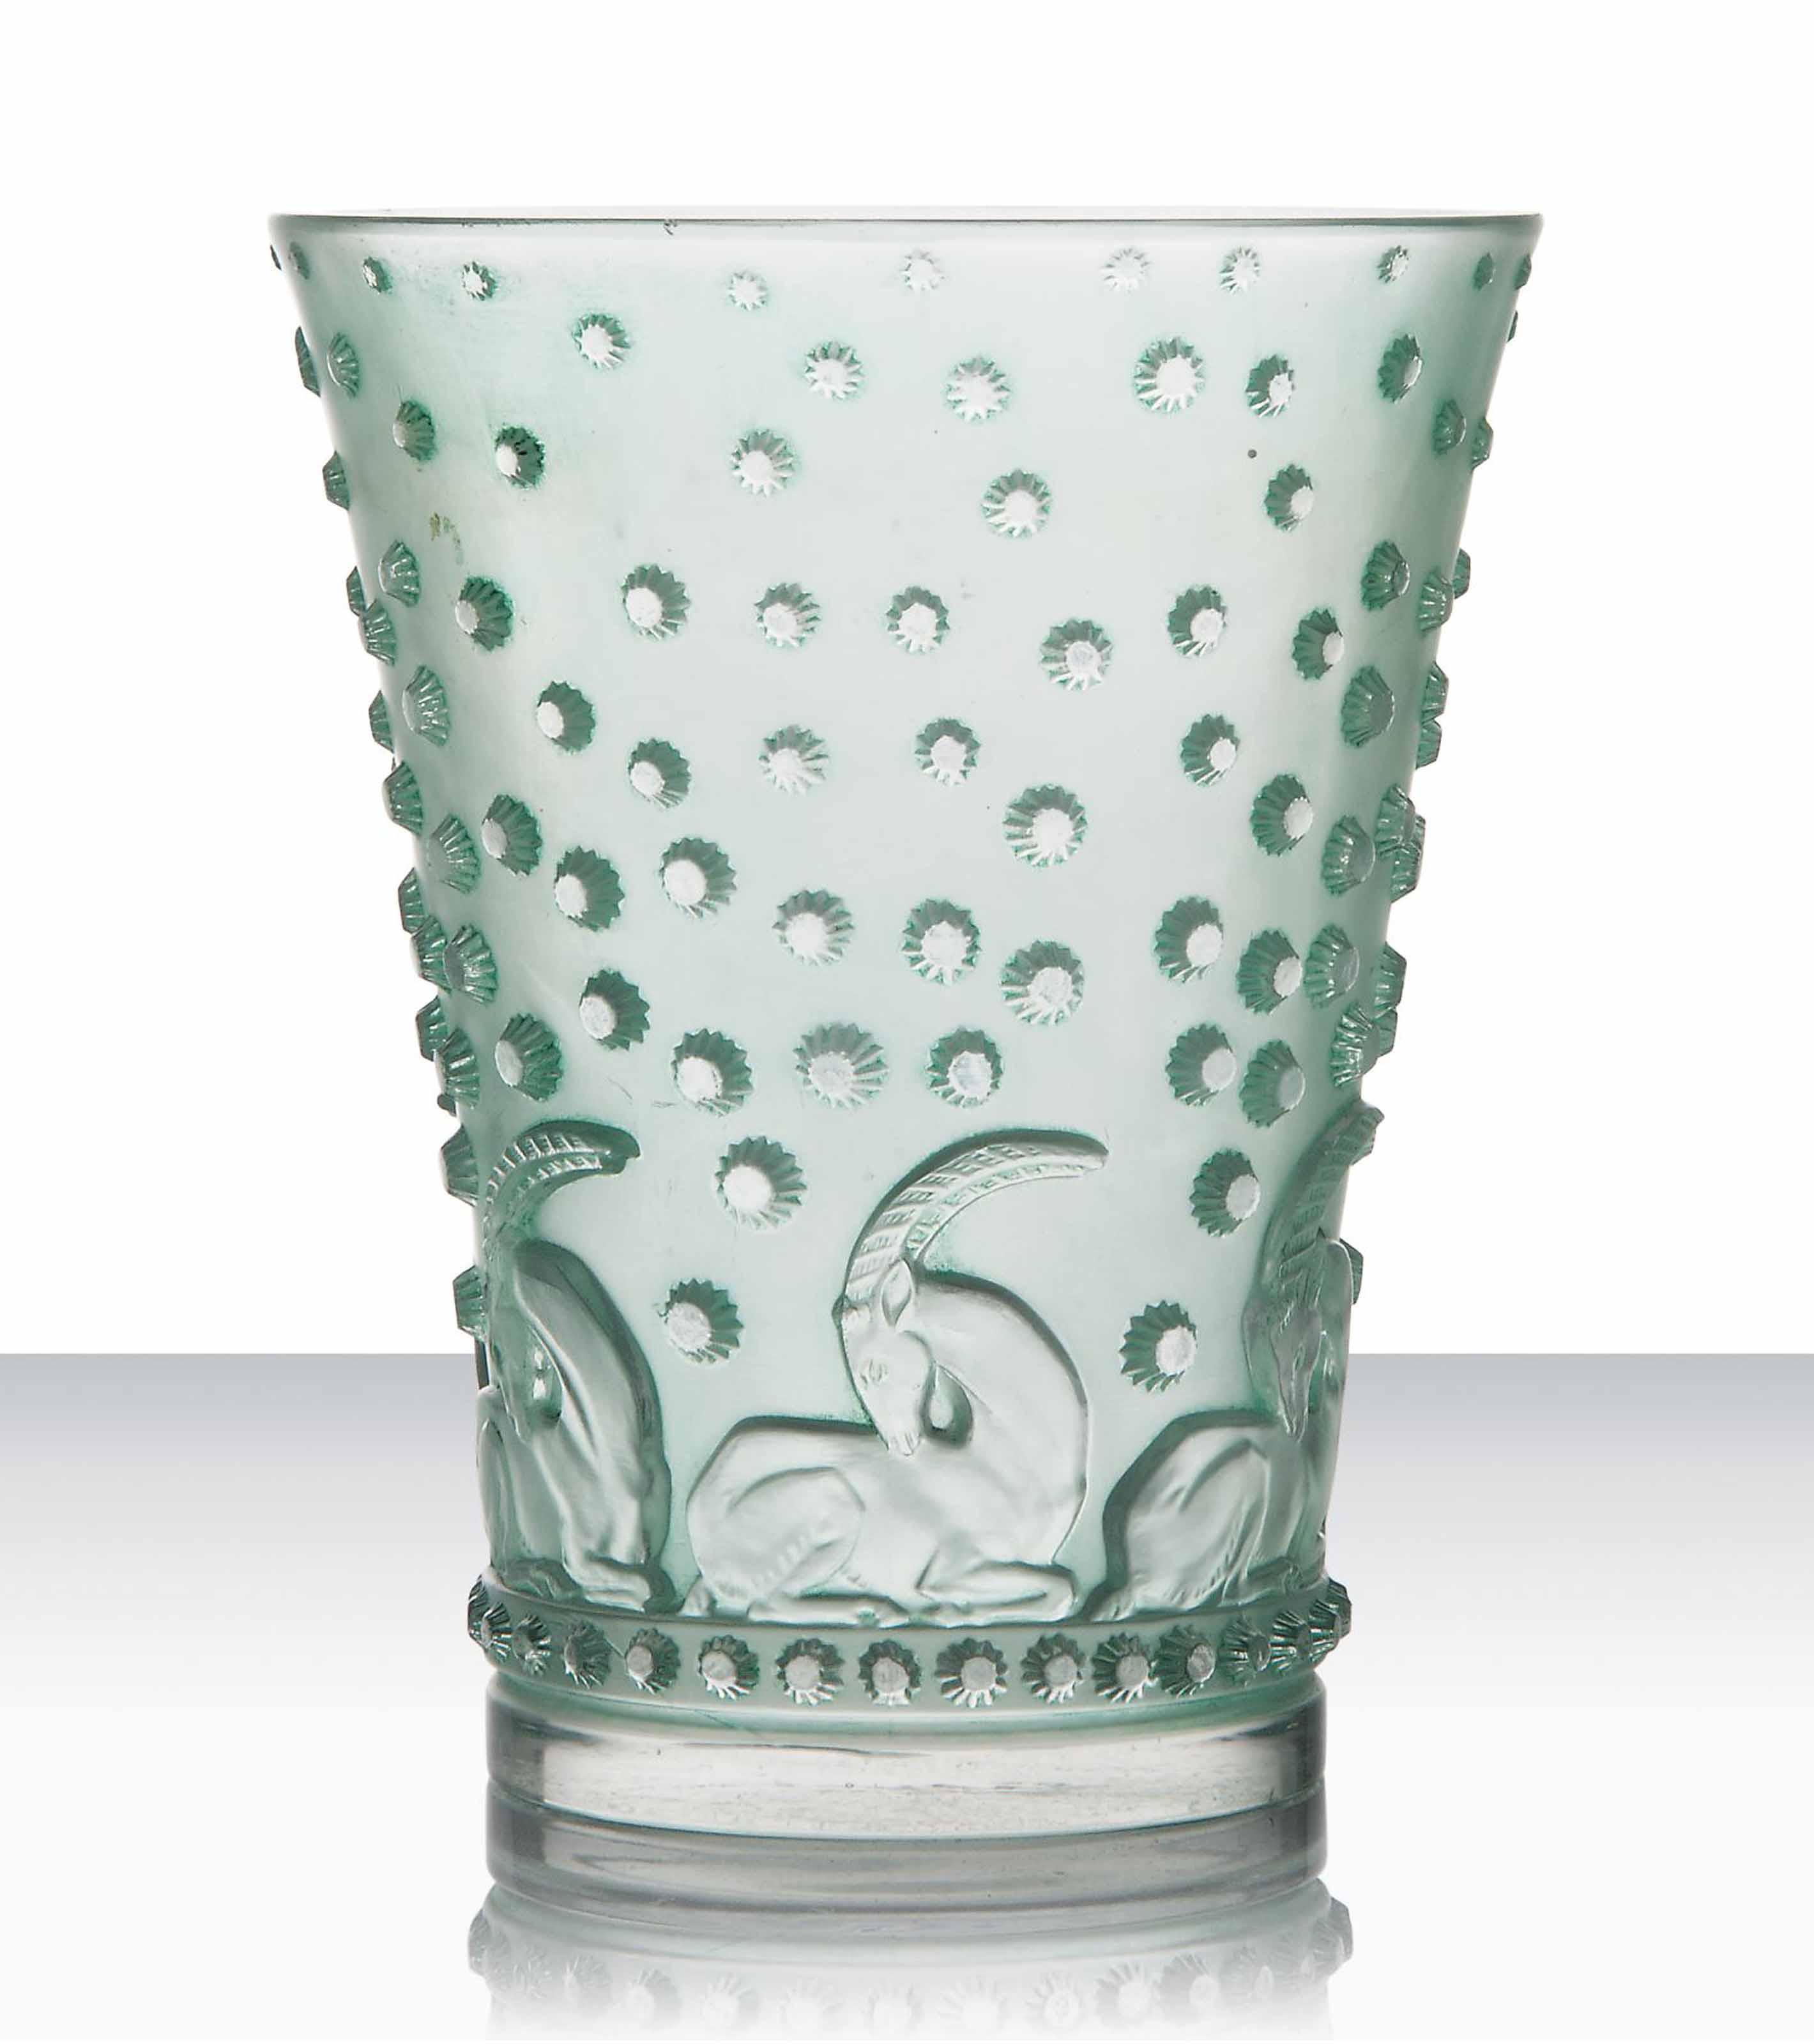 An 'Ajaccio' Vase, No. 10-914